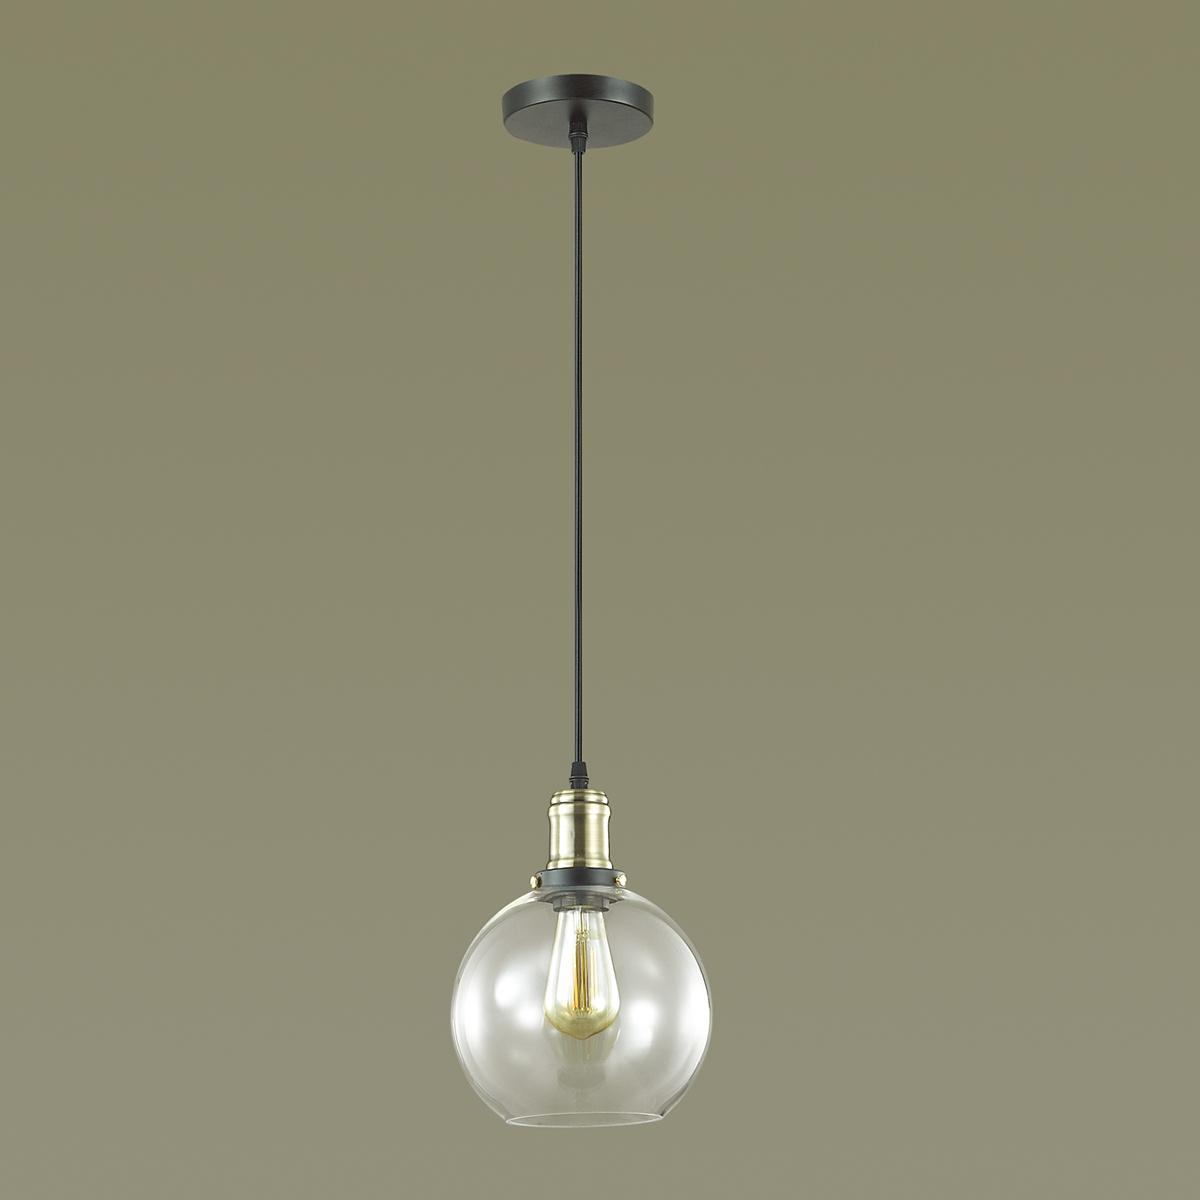 Подвесной светильник Lumion Suspentioni Kit 3684/1, 1xE27x60W, черный, бронза, прозрачный, металл, стекло - фото 4